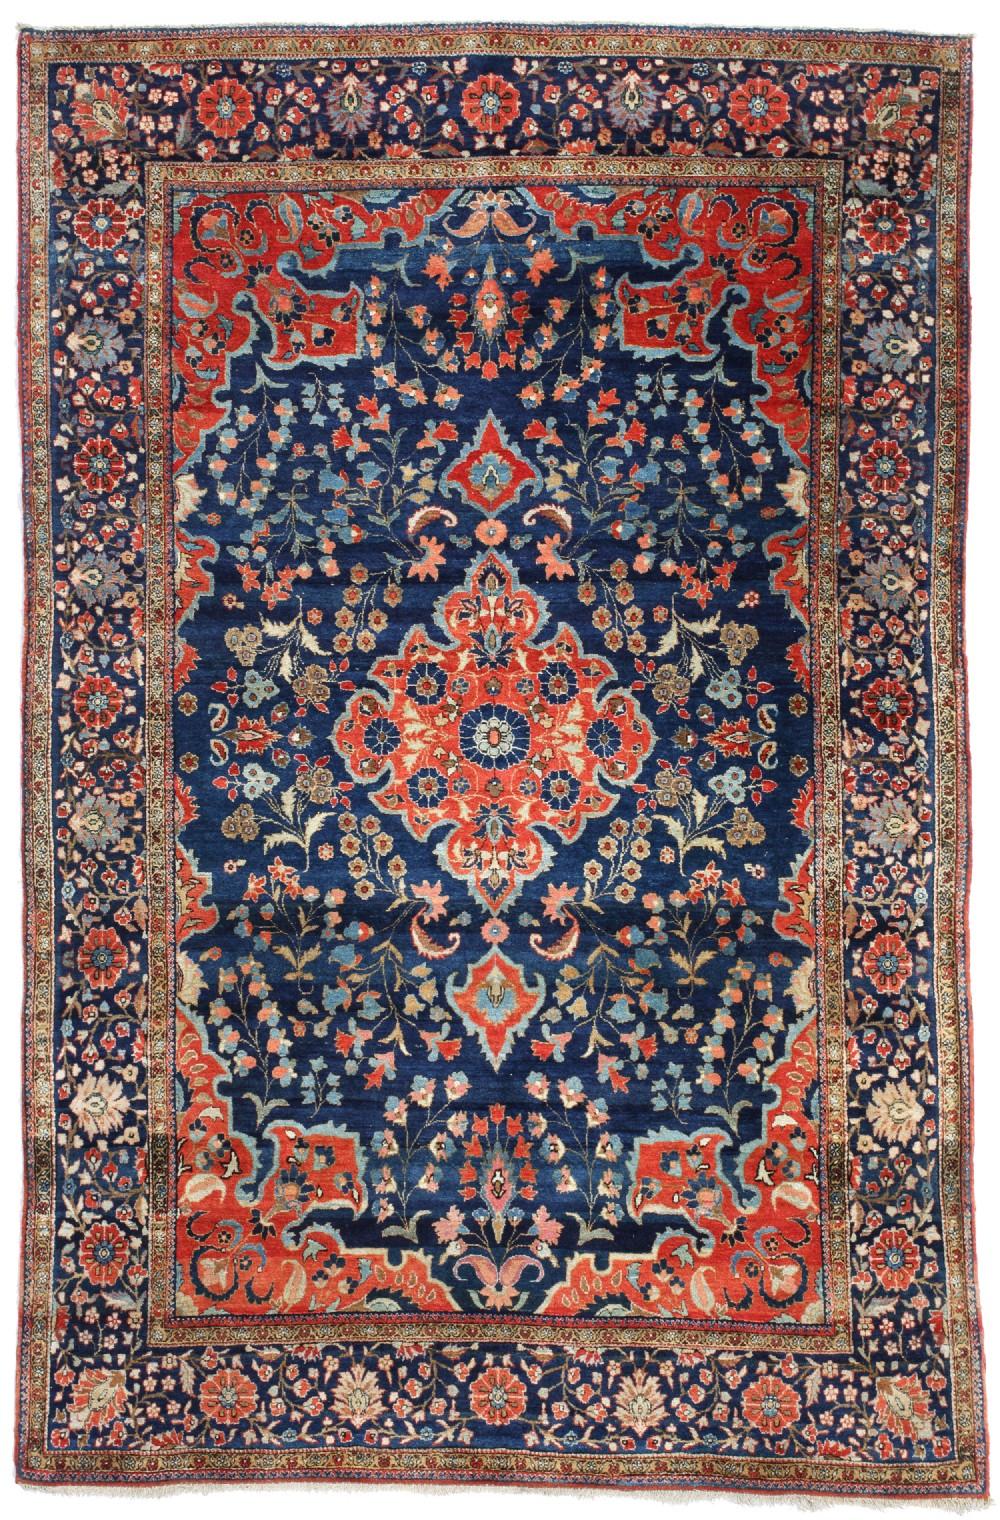 antique kurk kashan rug persian